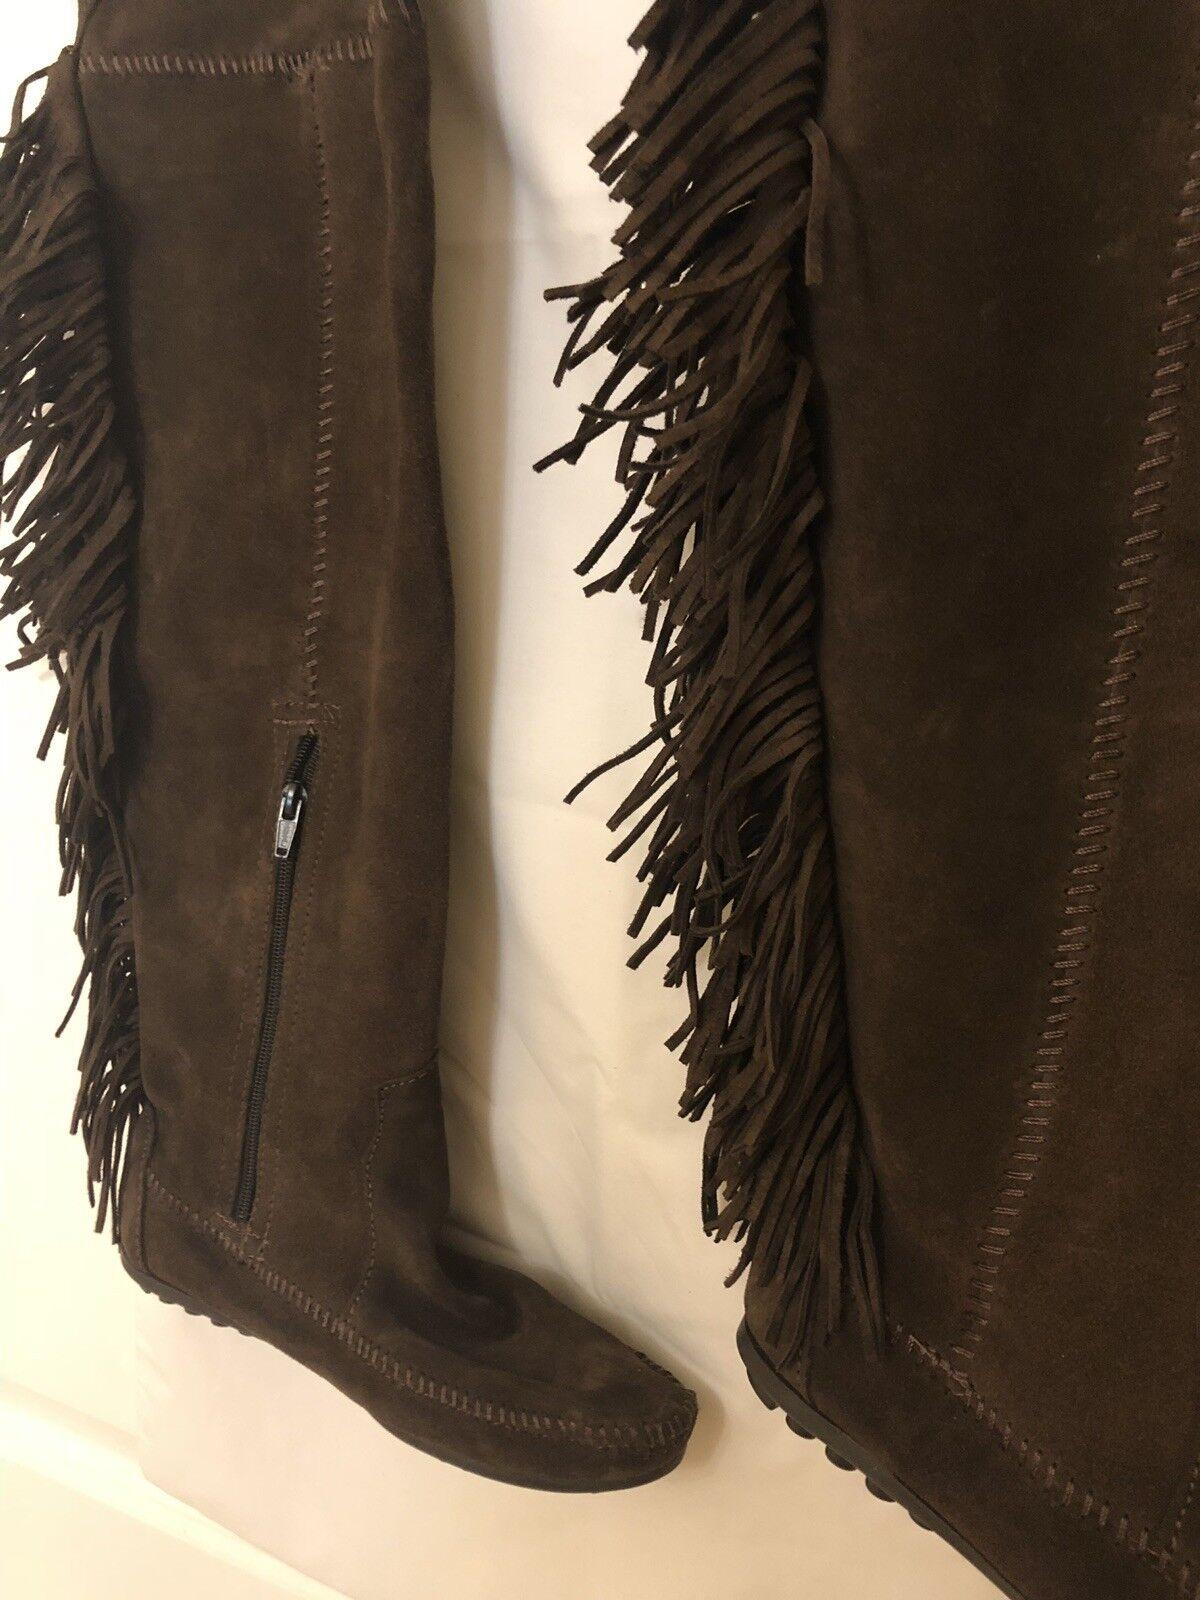 MINNETONKA Flat Fringe Braun Suede Leder Moccasins Style Stiefel with Fringe Flat 38 UK 5 01177a